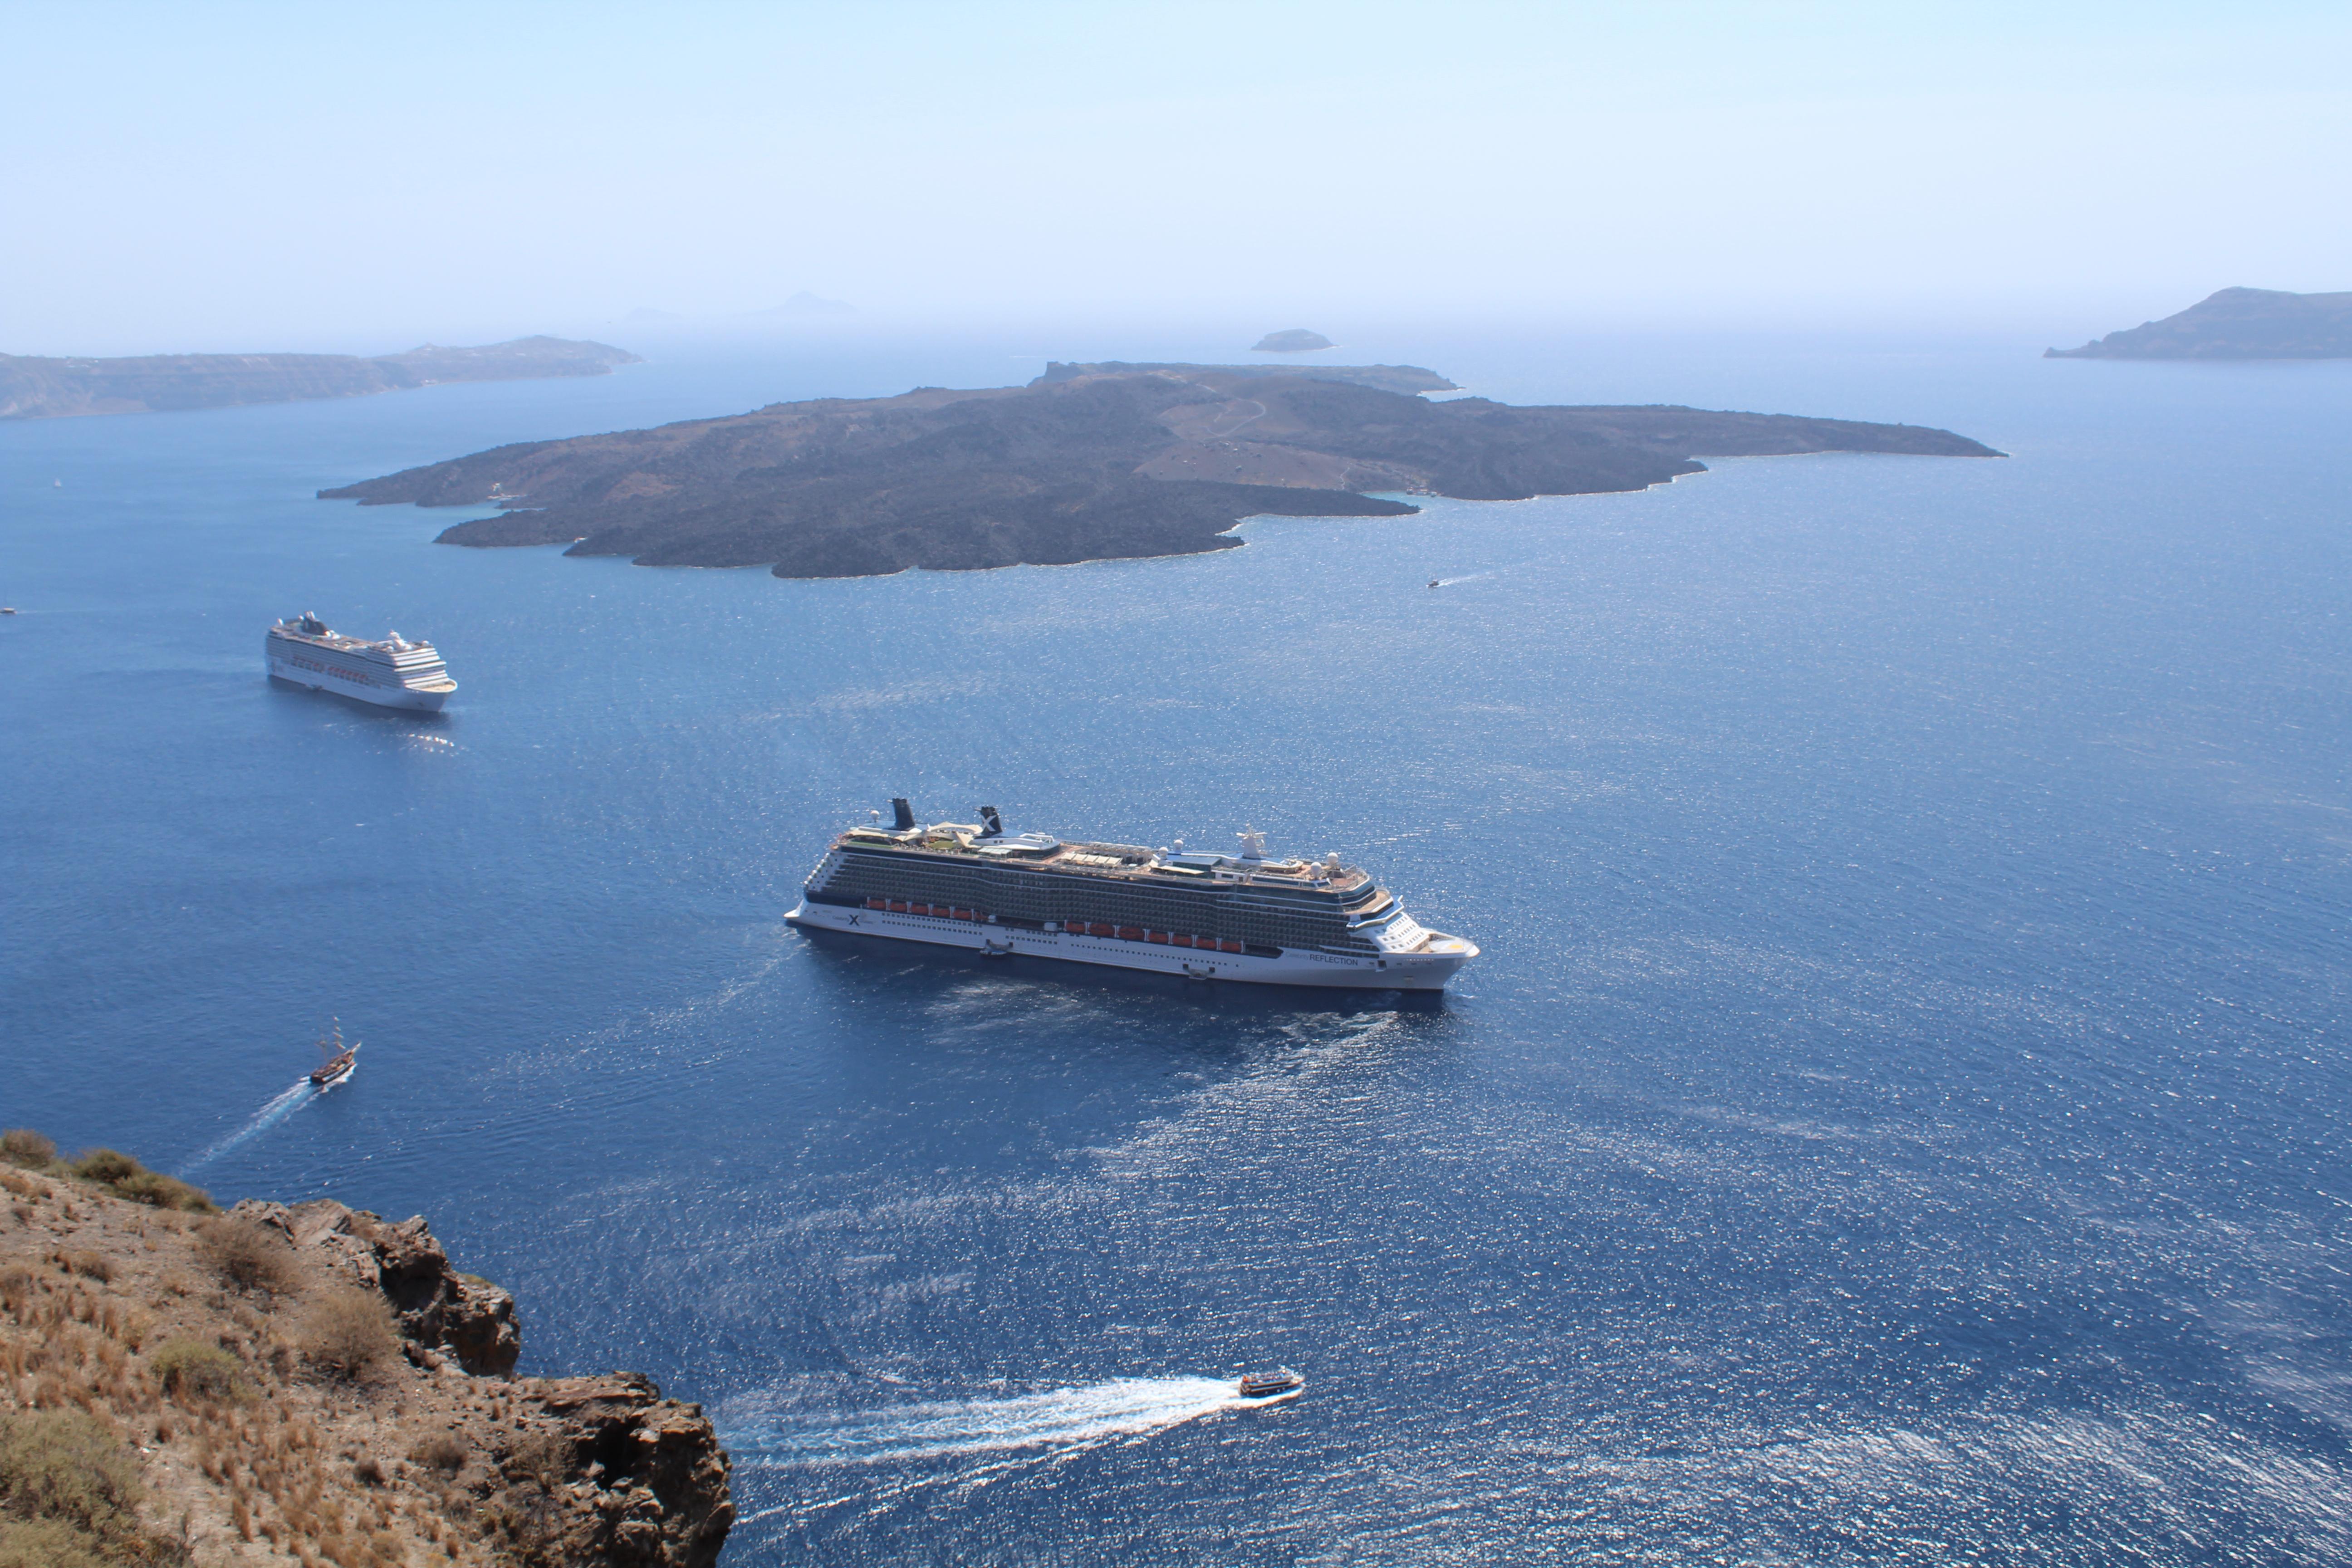 Cruise ships in Caldera